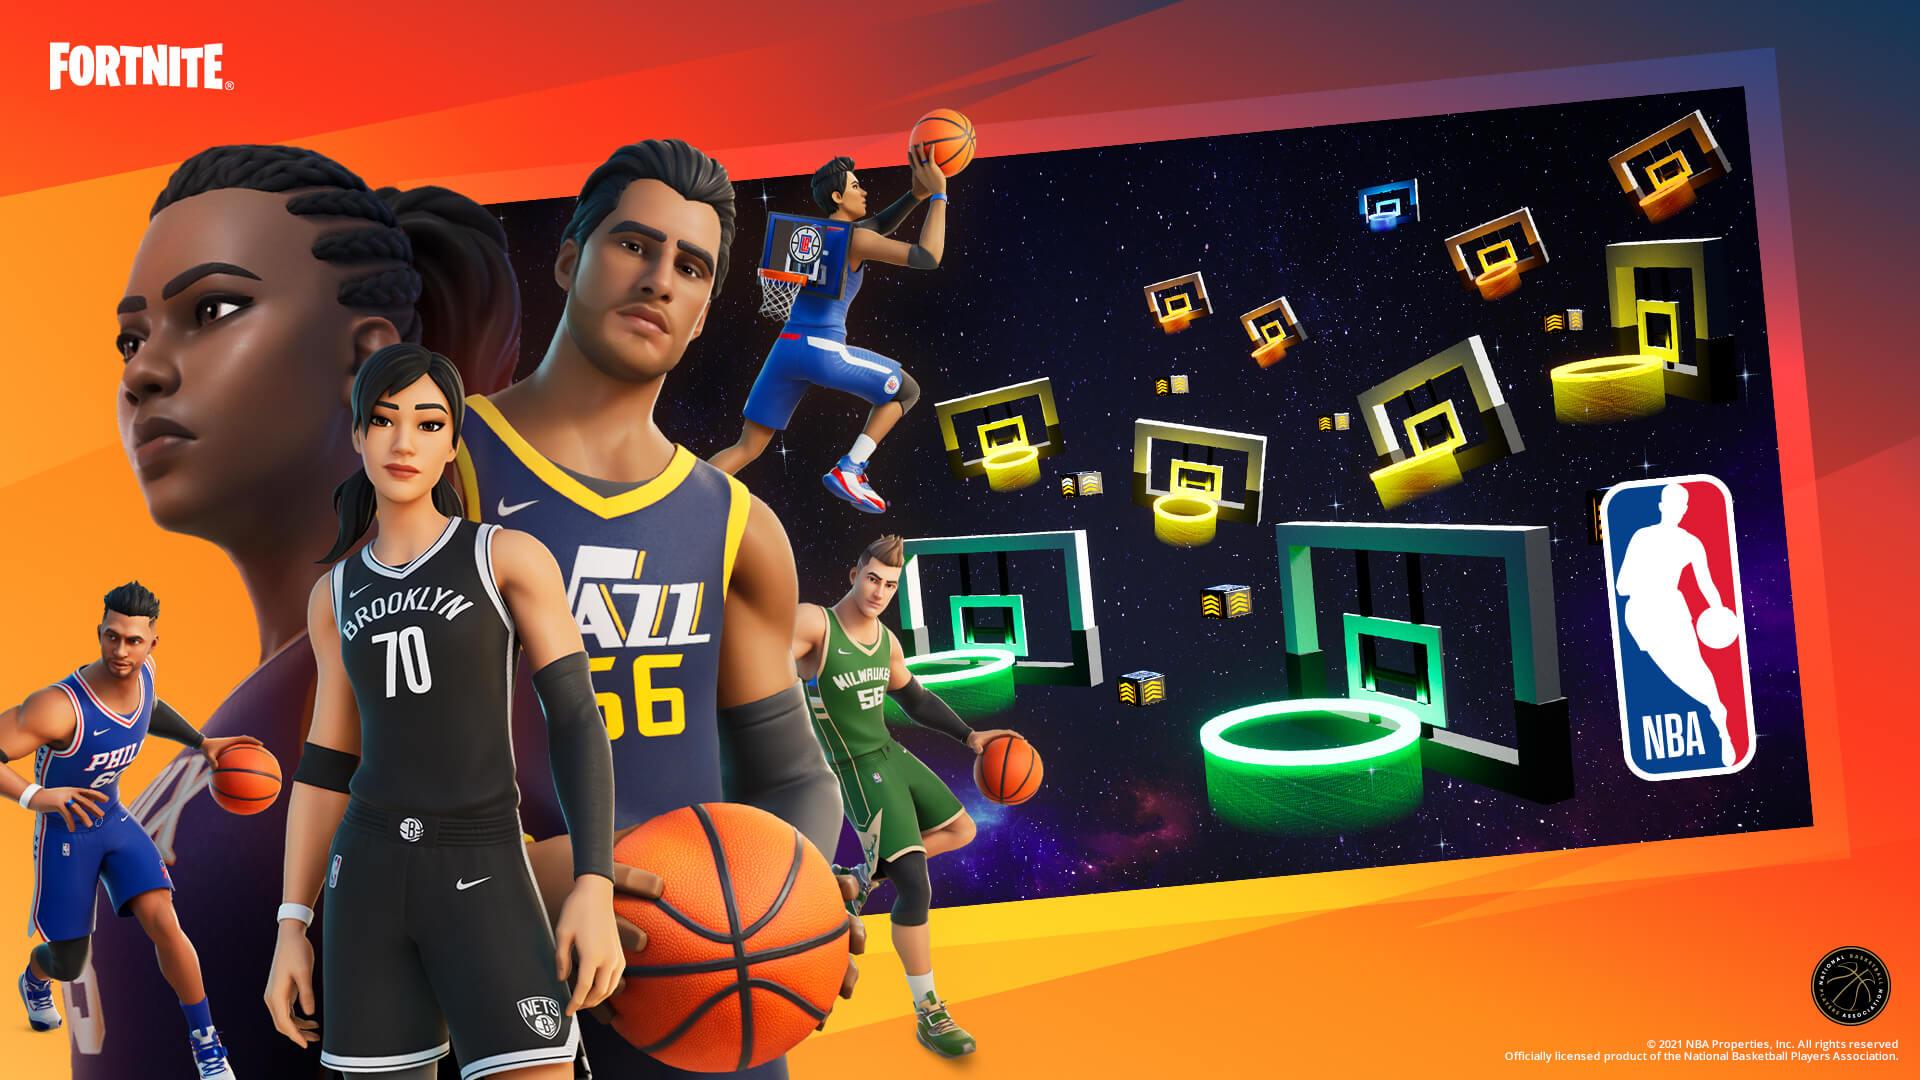 16BR NBA CreativeHubStaticPromo Social